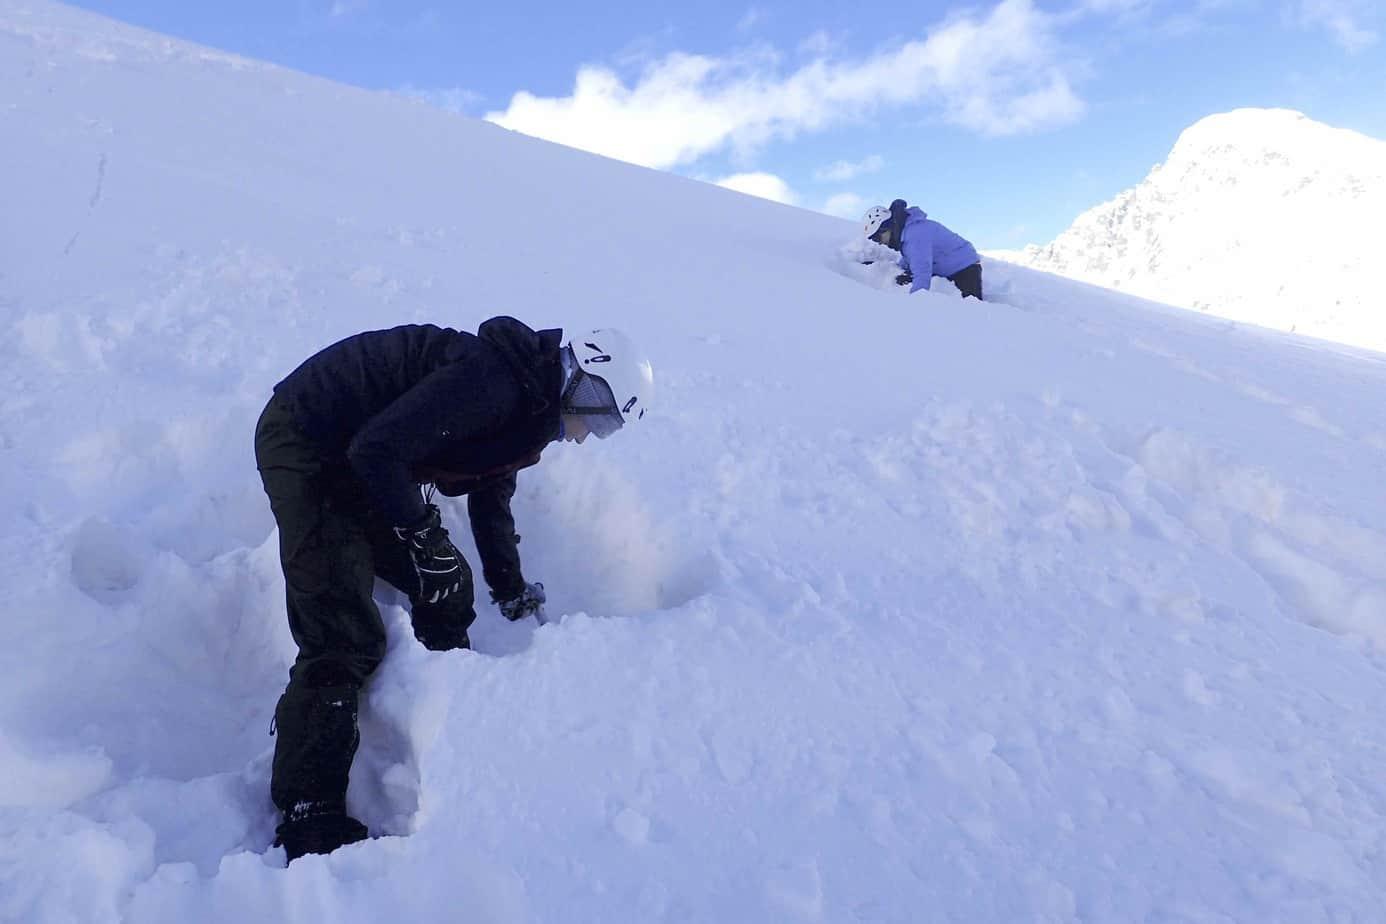 Winter skills course aneto